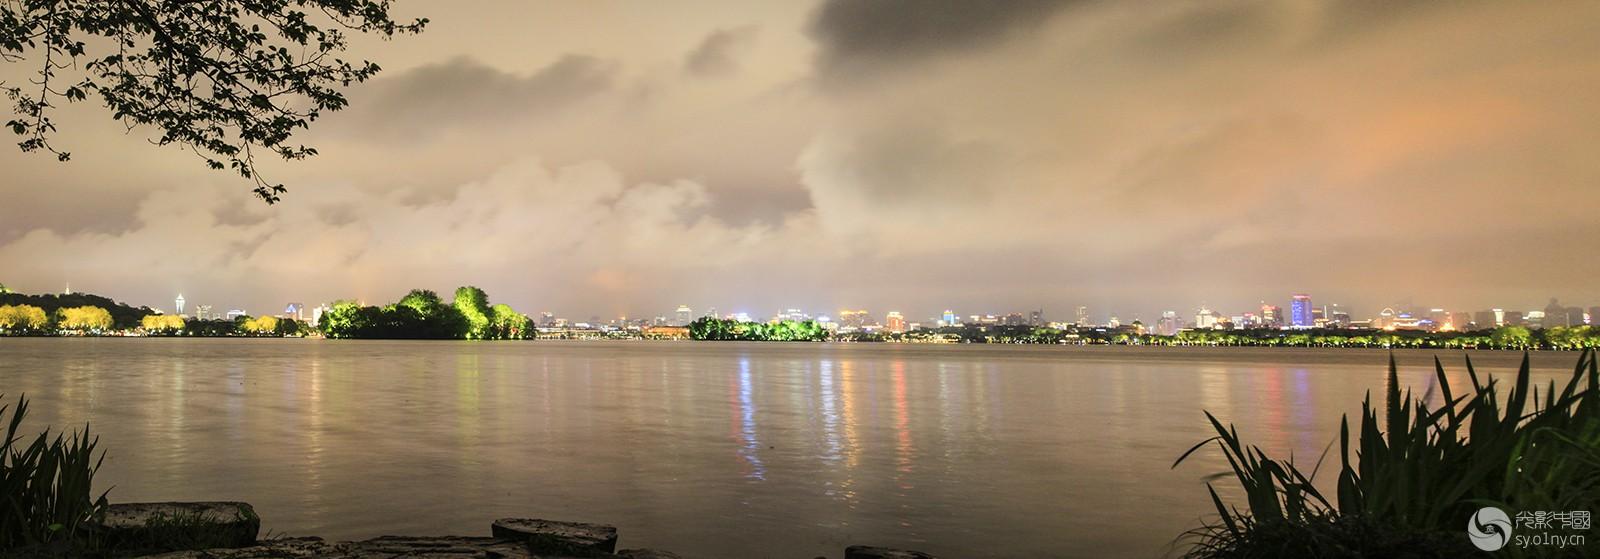 西湖夜雨 拷贝.jpg